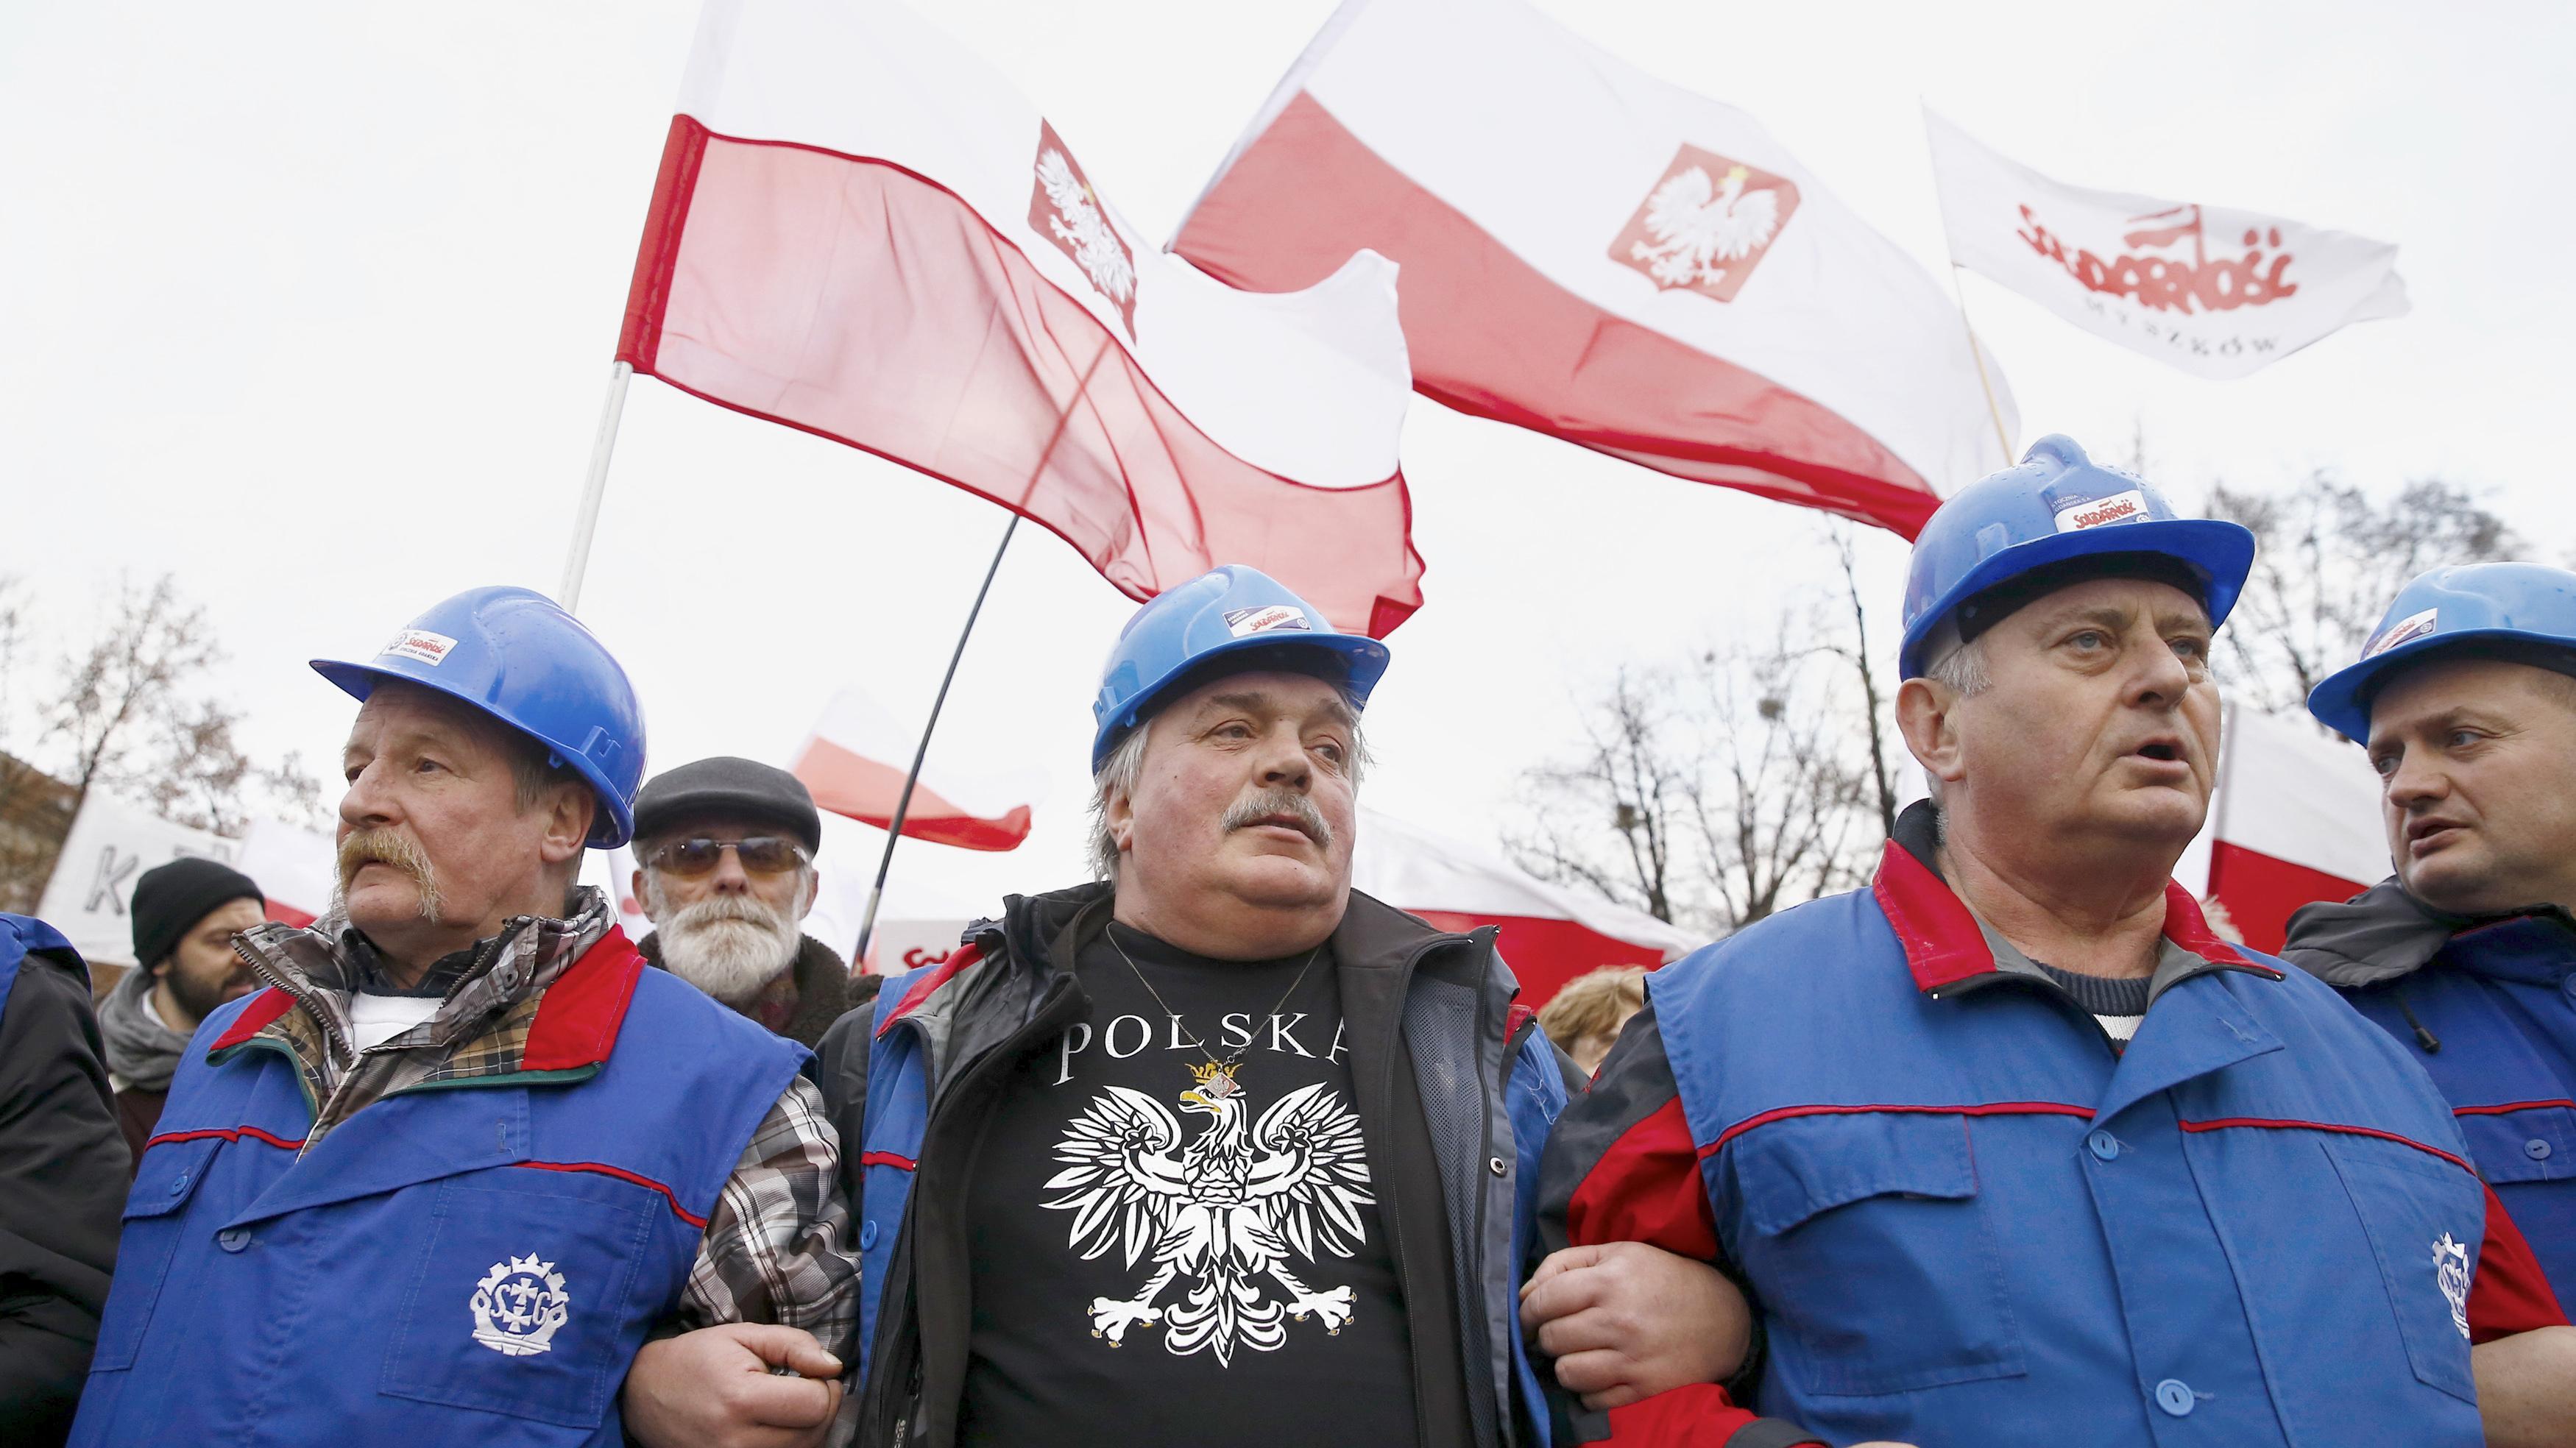 Wer Polen basht, hat nicht viel verstanden